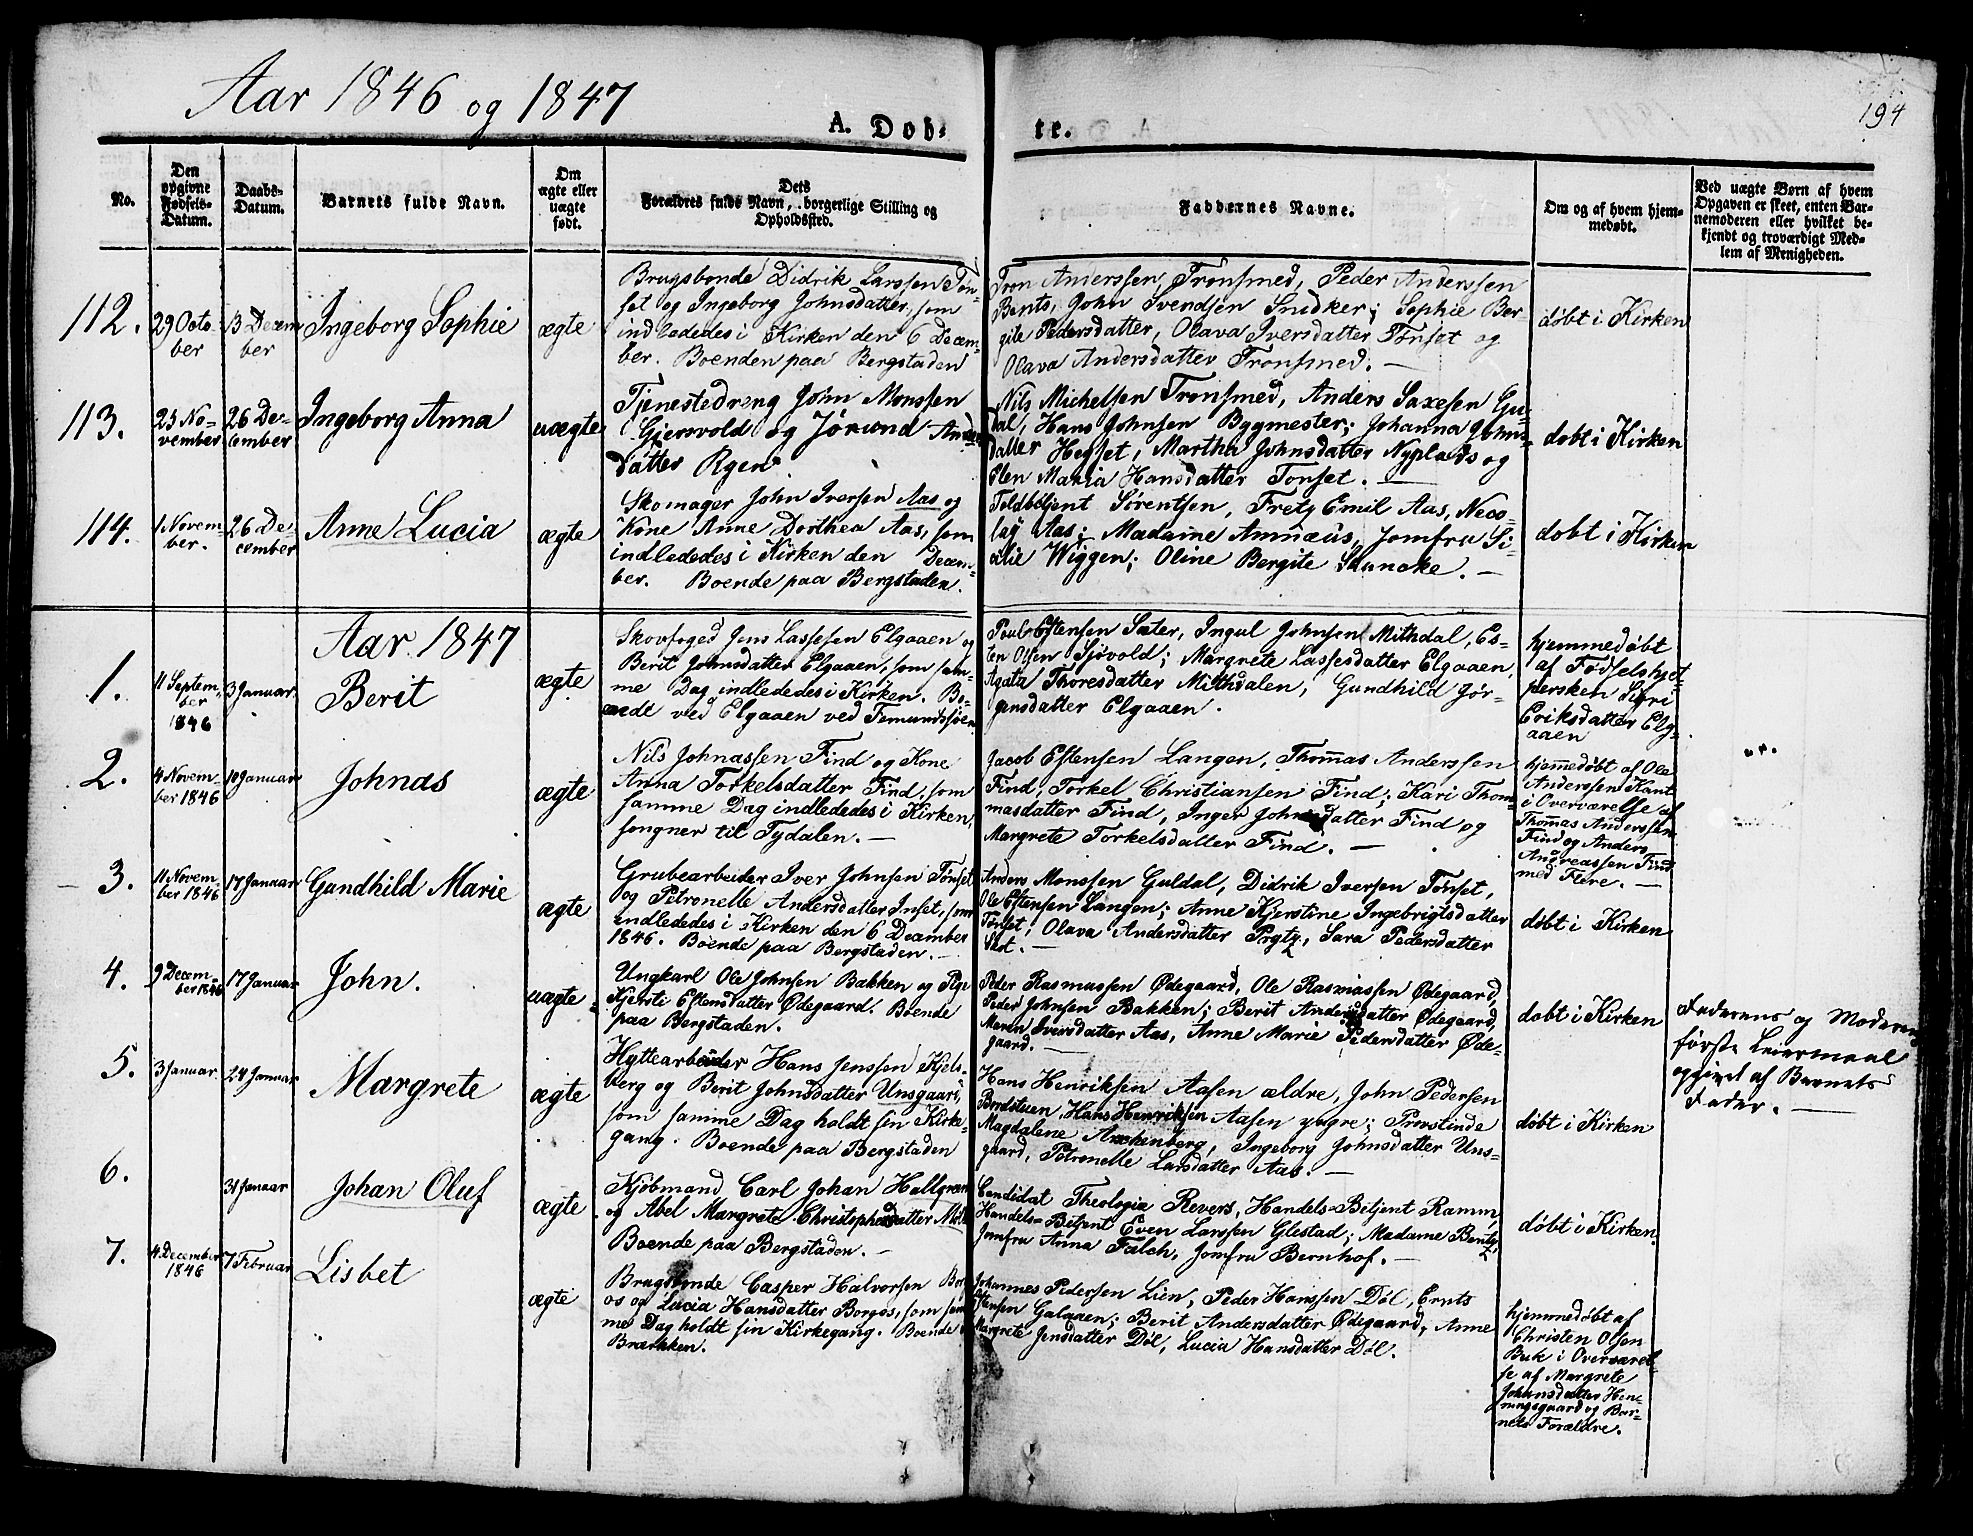 SAT, Ministerialprotokoller, klokkerbøker og fødselsregistre - Sør-Trøndelag, 681/L0938: Klokkerbok nr. 681C02, 1829-1879, s. 194